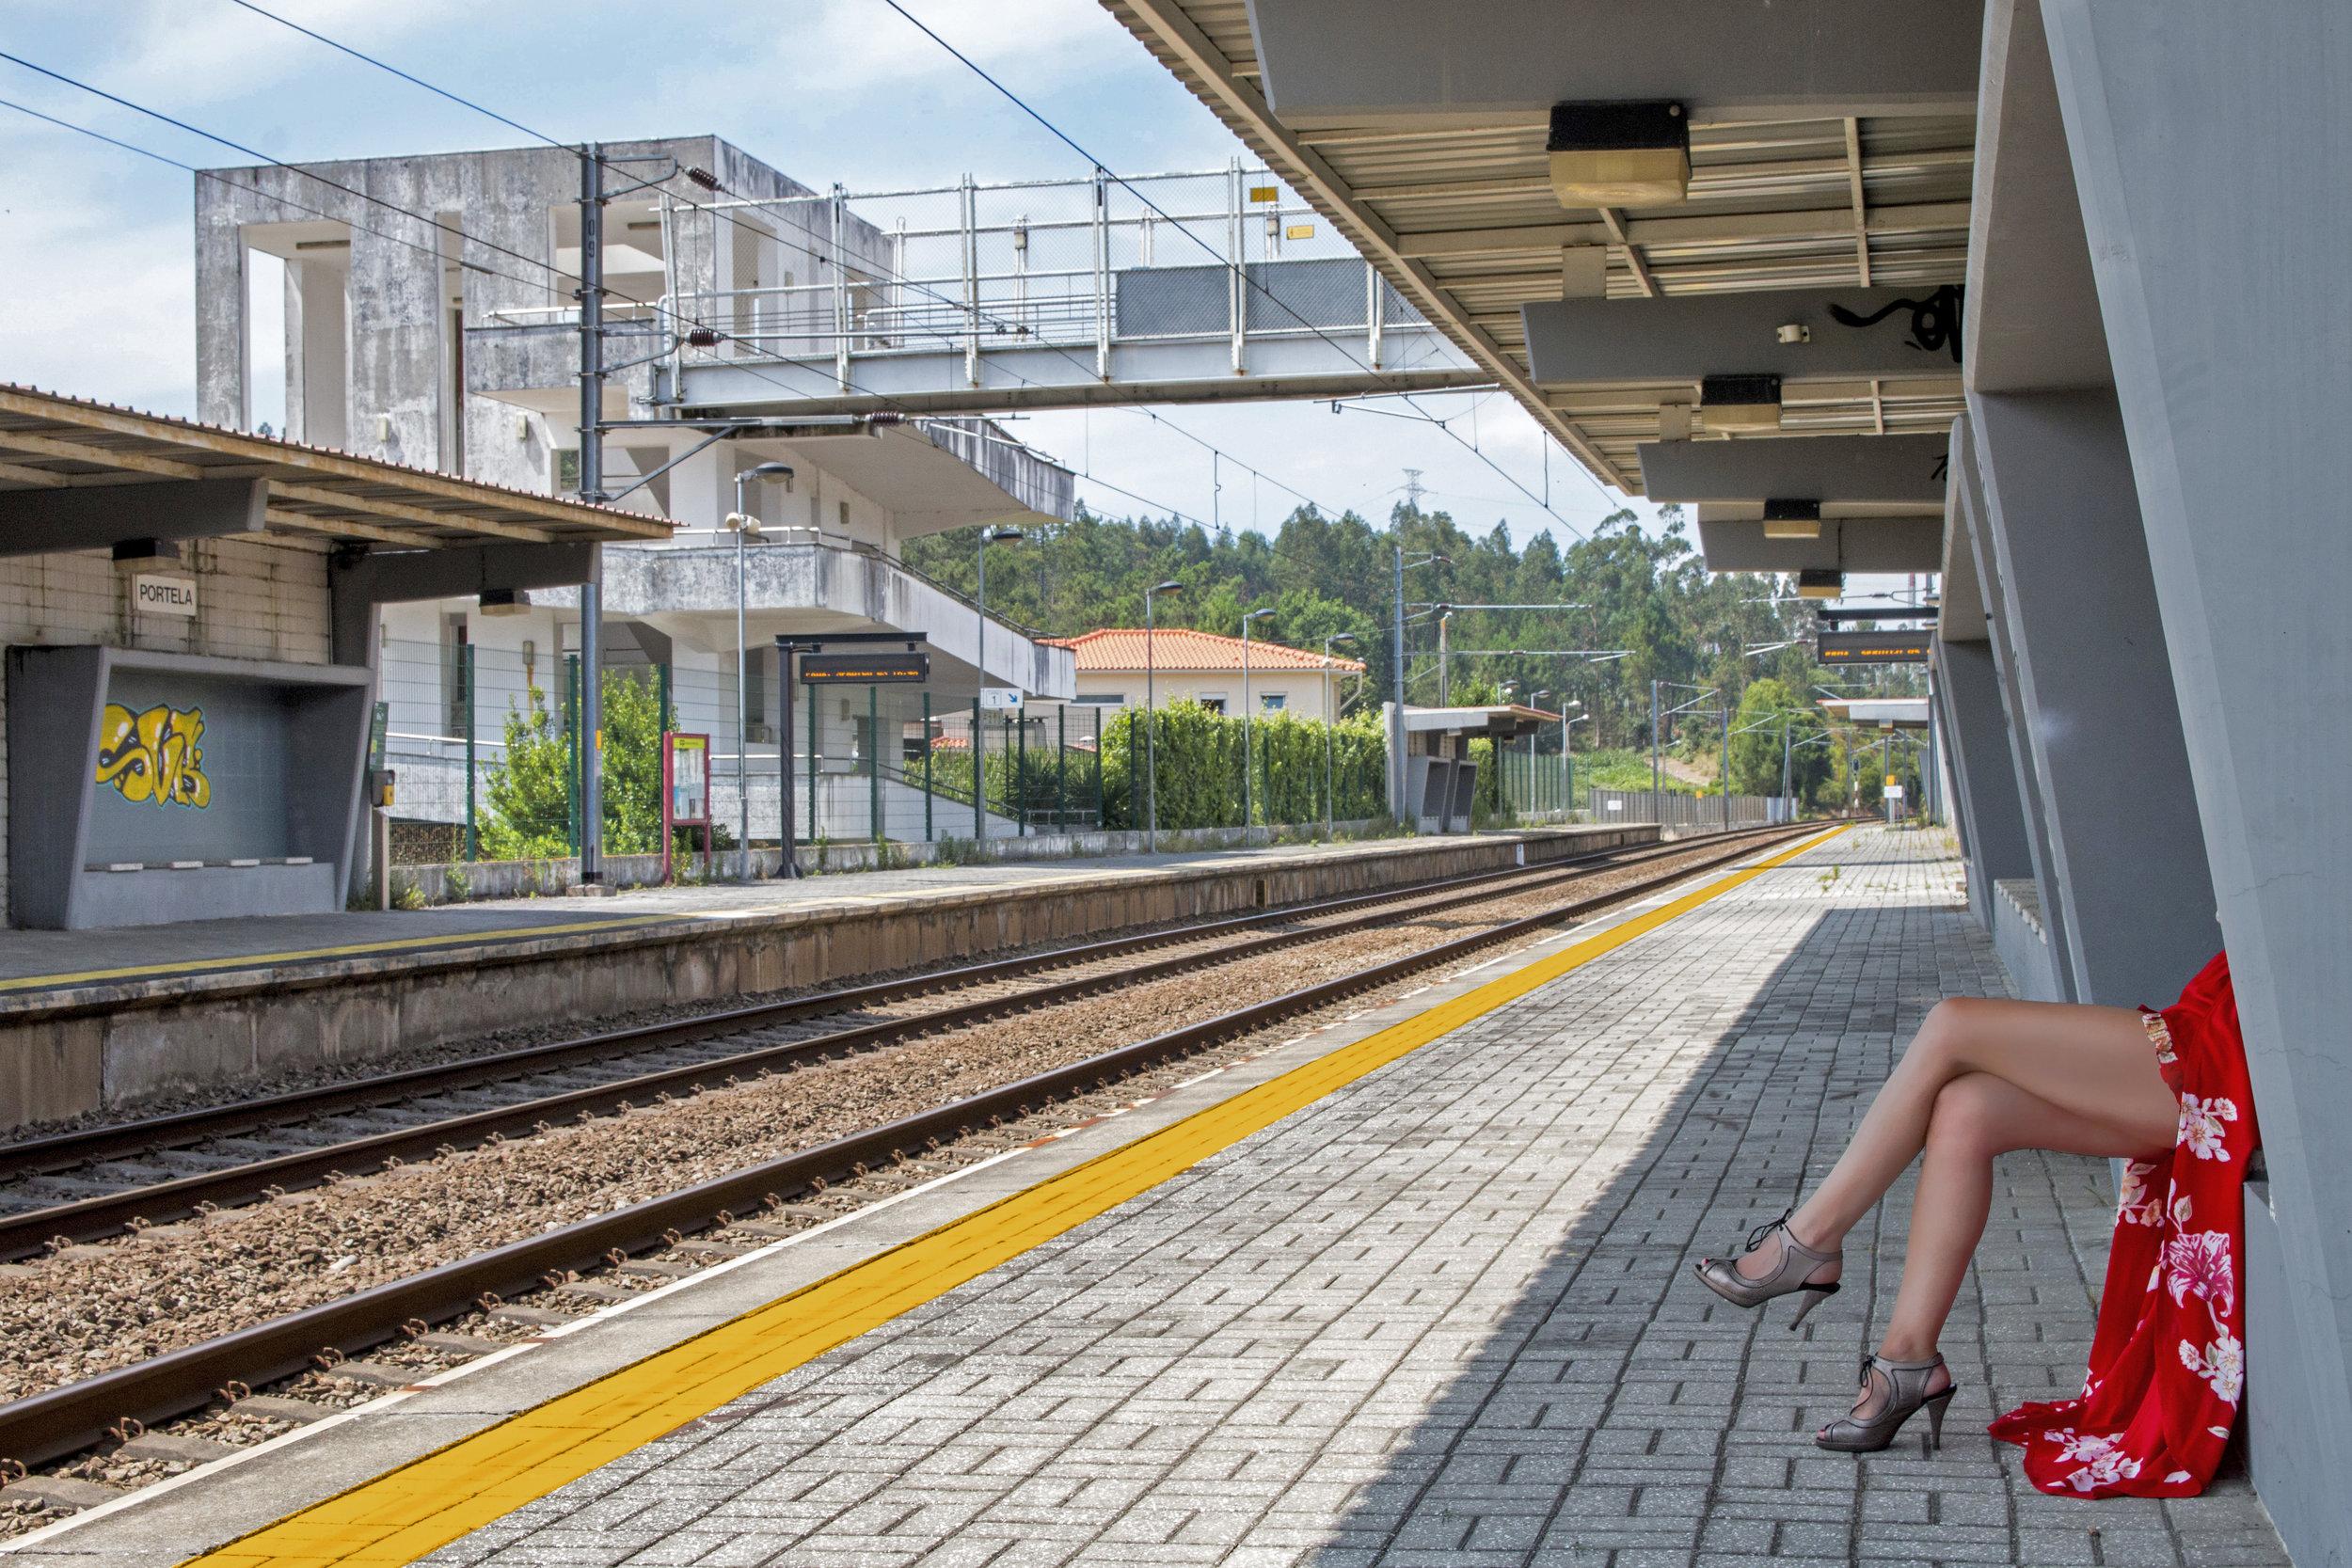 runaway girl - SS19 Photoshoot